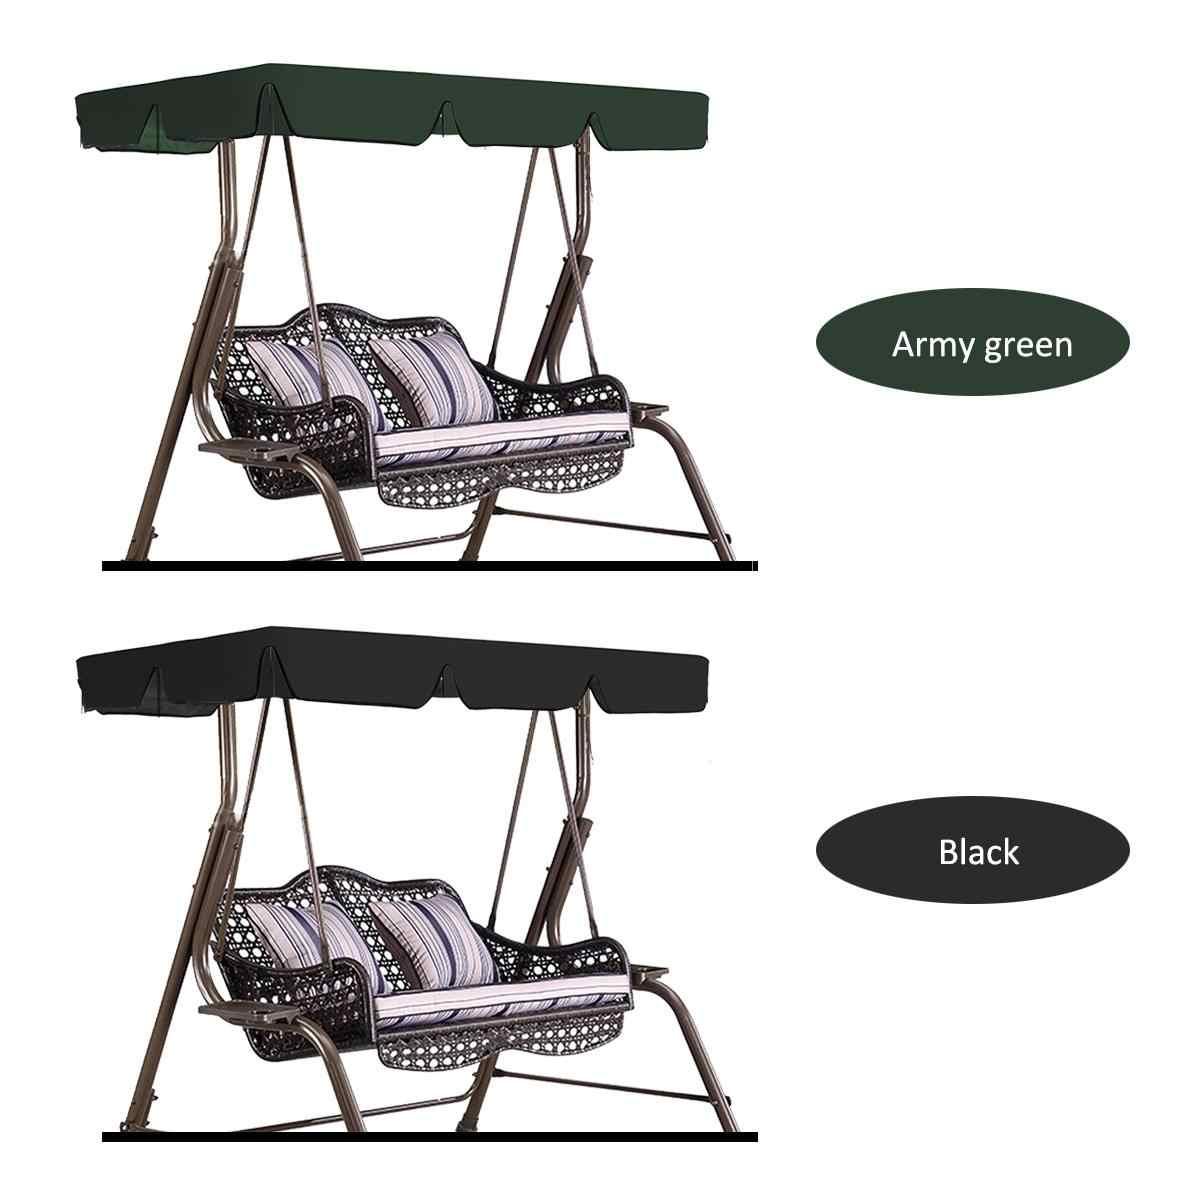 2/3 Lugares Cadeira de Balanço À Prova D' Água Da Tampa Superior do Dossel Ao Ar Livre Substituição Tampa Do Jardim Do Pátio Ao Ar Livre Do Balanço Cadeira Tenda Sombra Vela